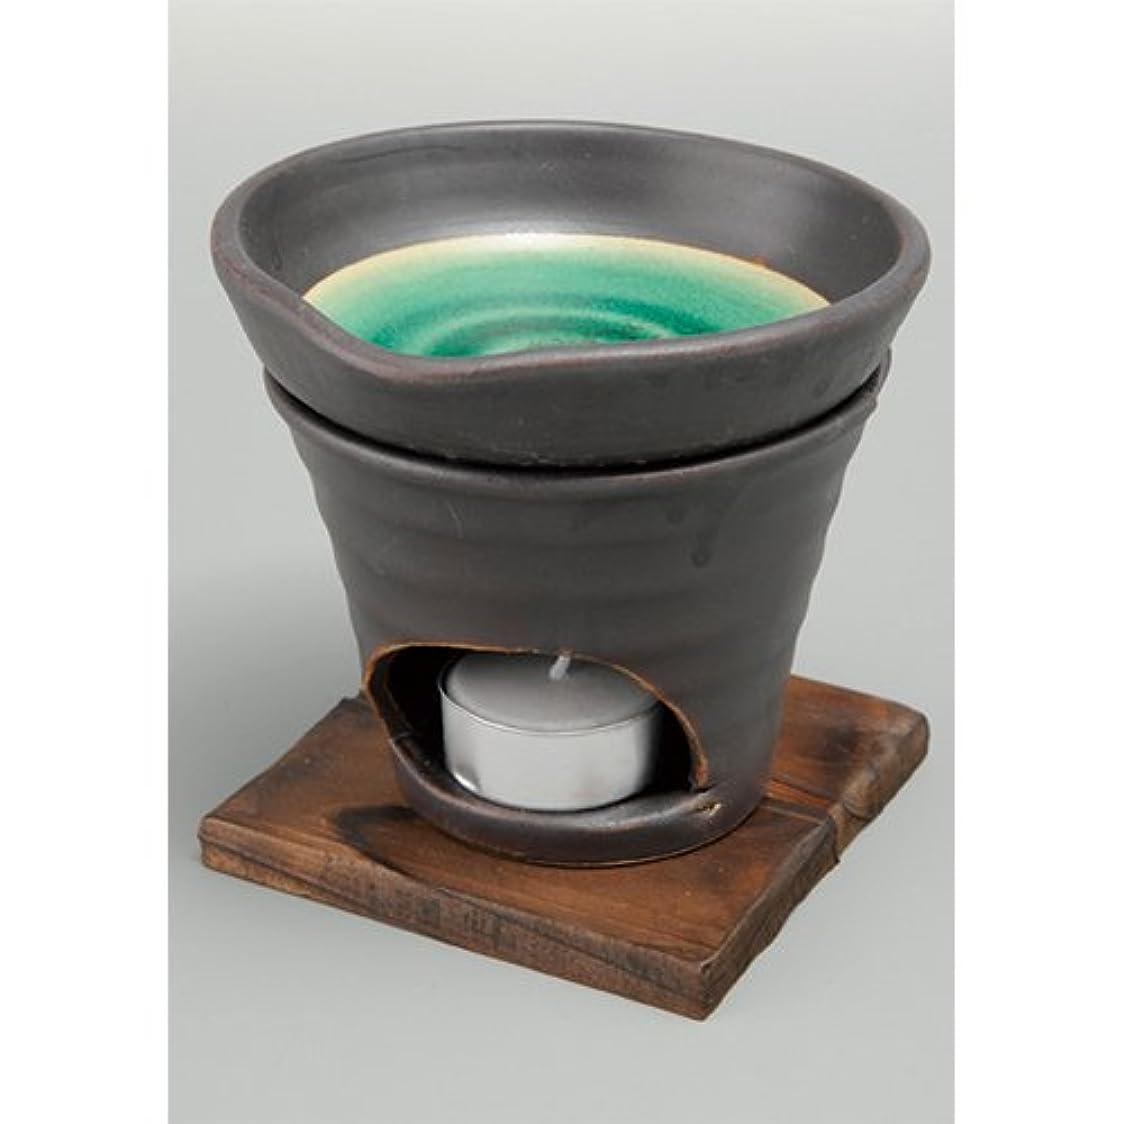 試験債務者もろい香炉 黒釉 茶香炉(緑) [R11.8xH11.5cm] HANDMADE プレゼント ギフト 和食器 かわいい インテリア